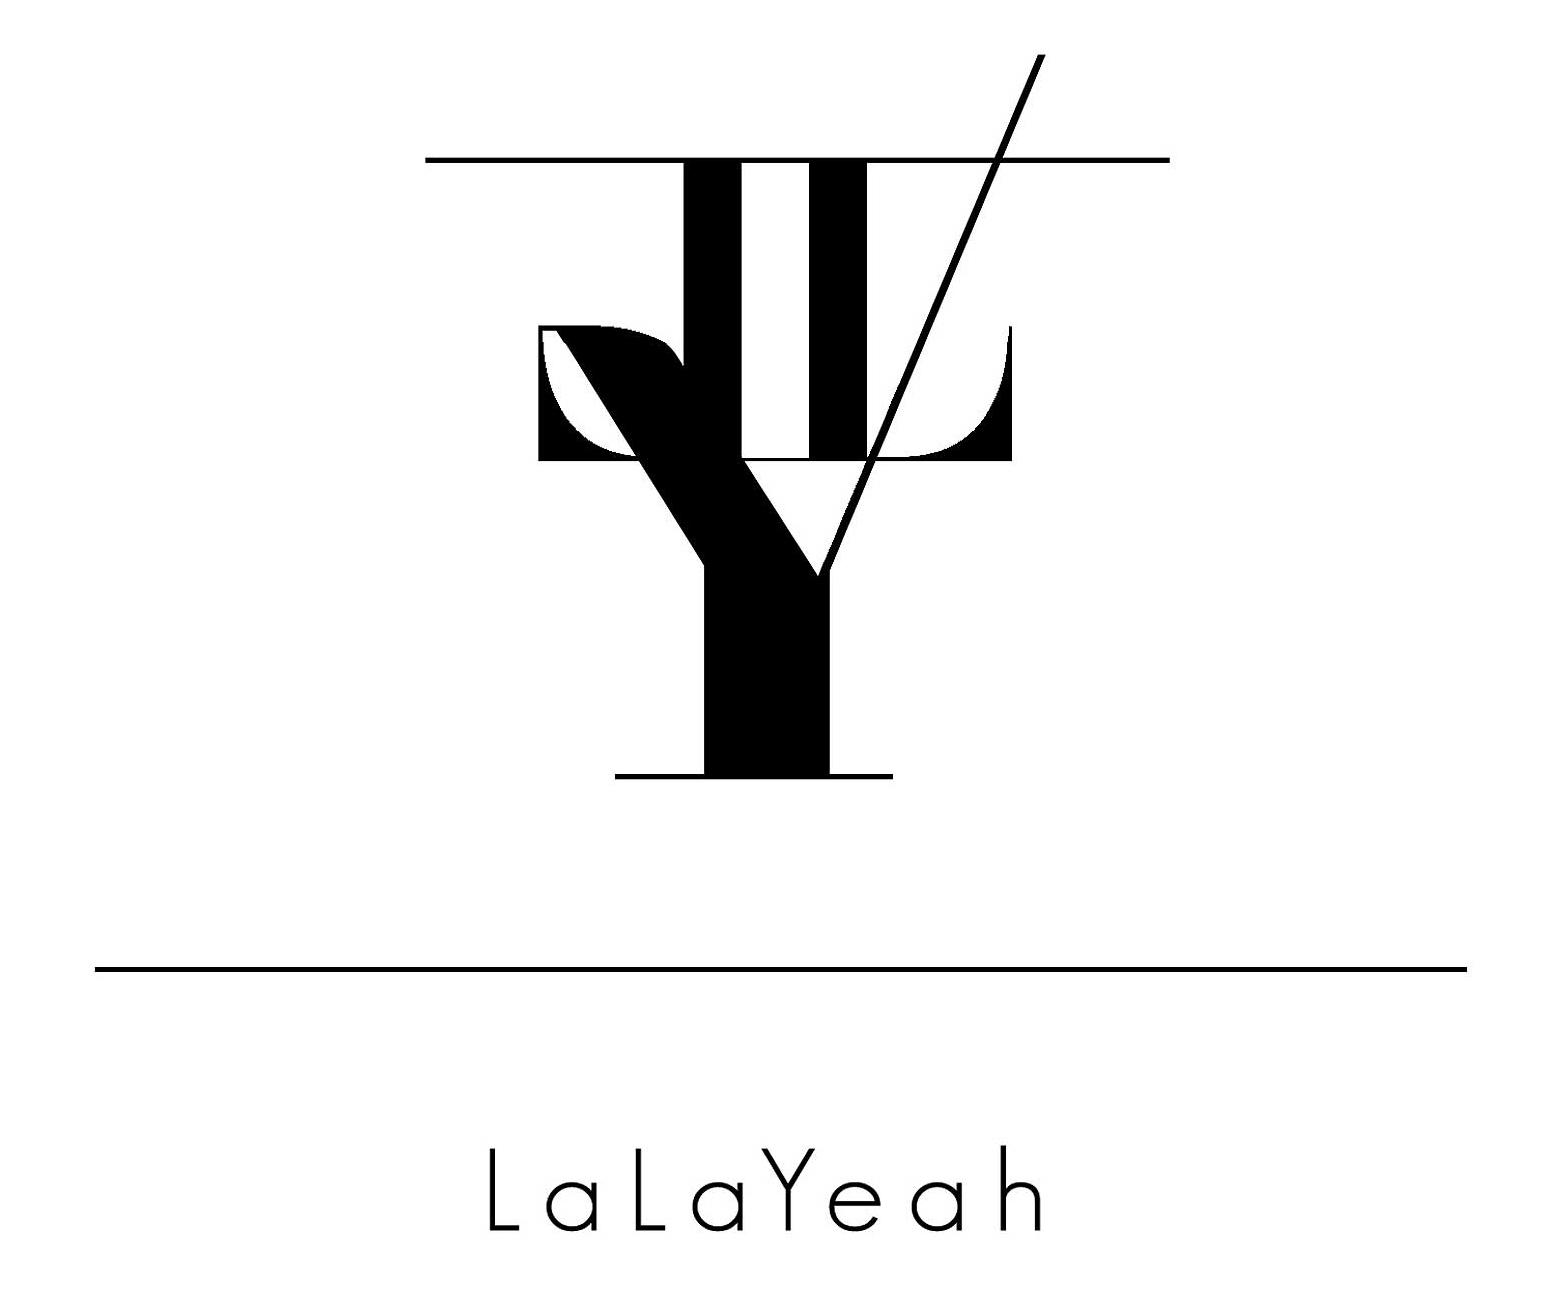 INLAND-LALAYEAH_crop2.jpg